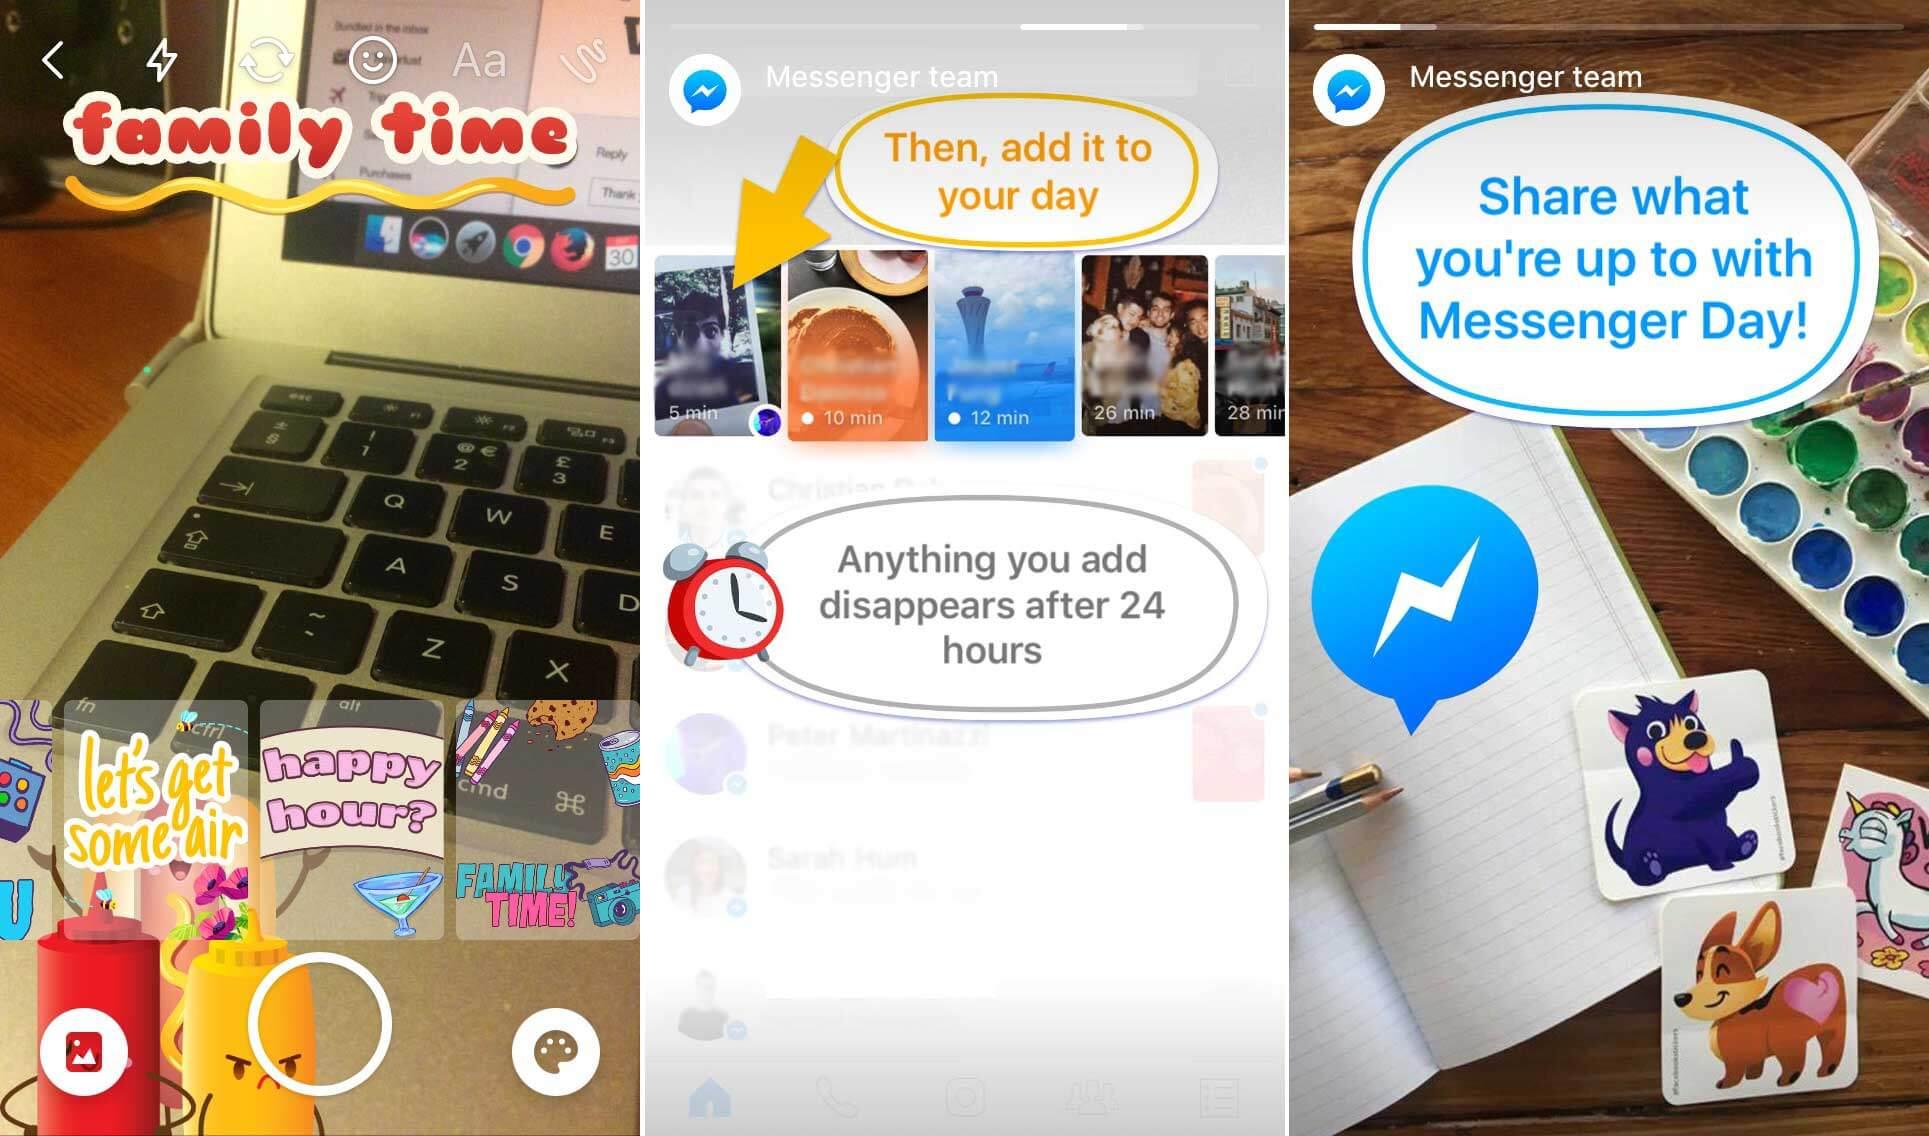 """facebook messenger my day - Cópia do Snapchat, Facebook Stories chamado """"Messenger Day"""" é lançado oficialmente"""